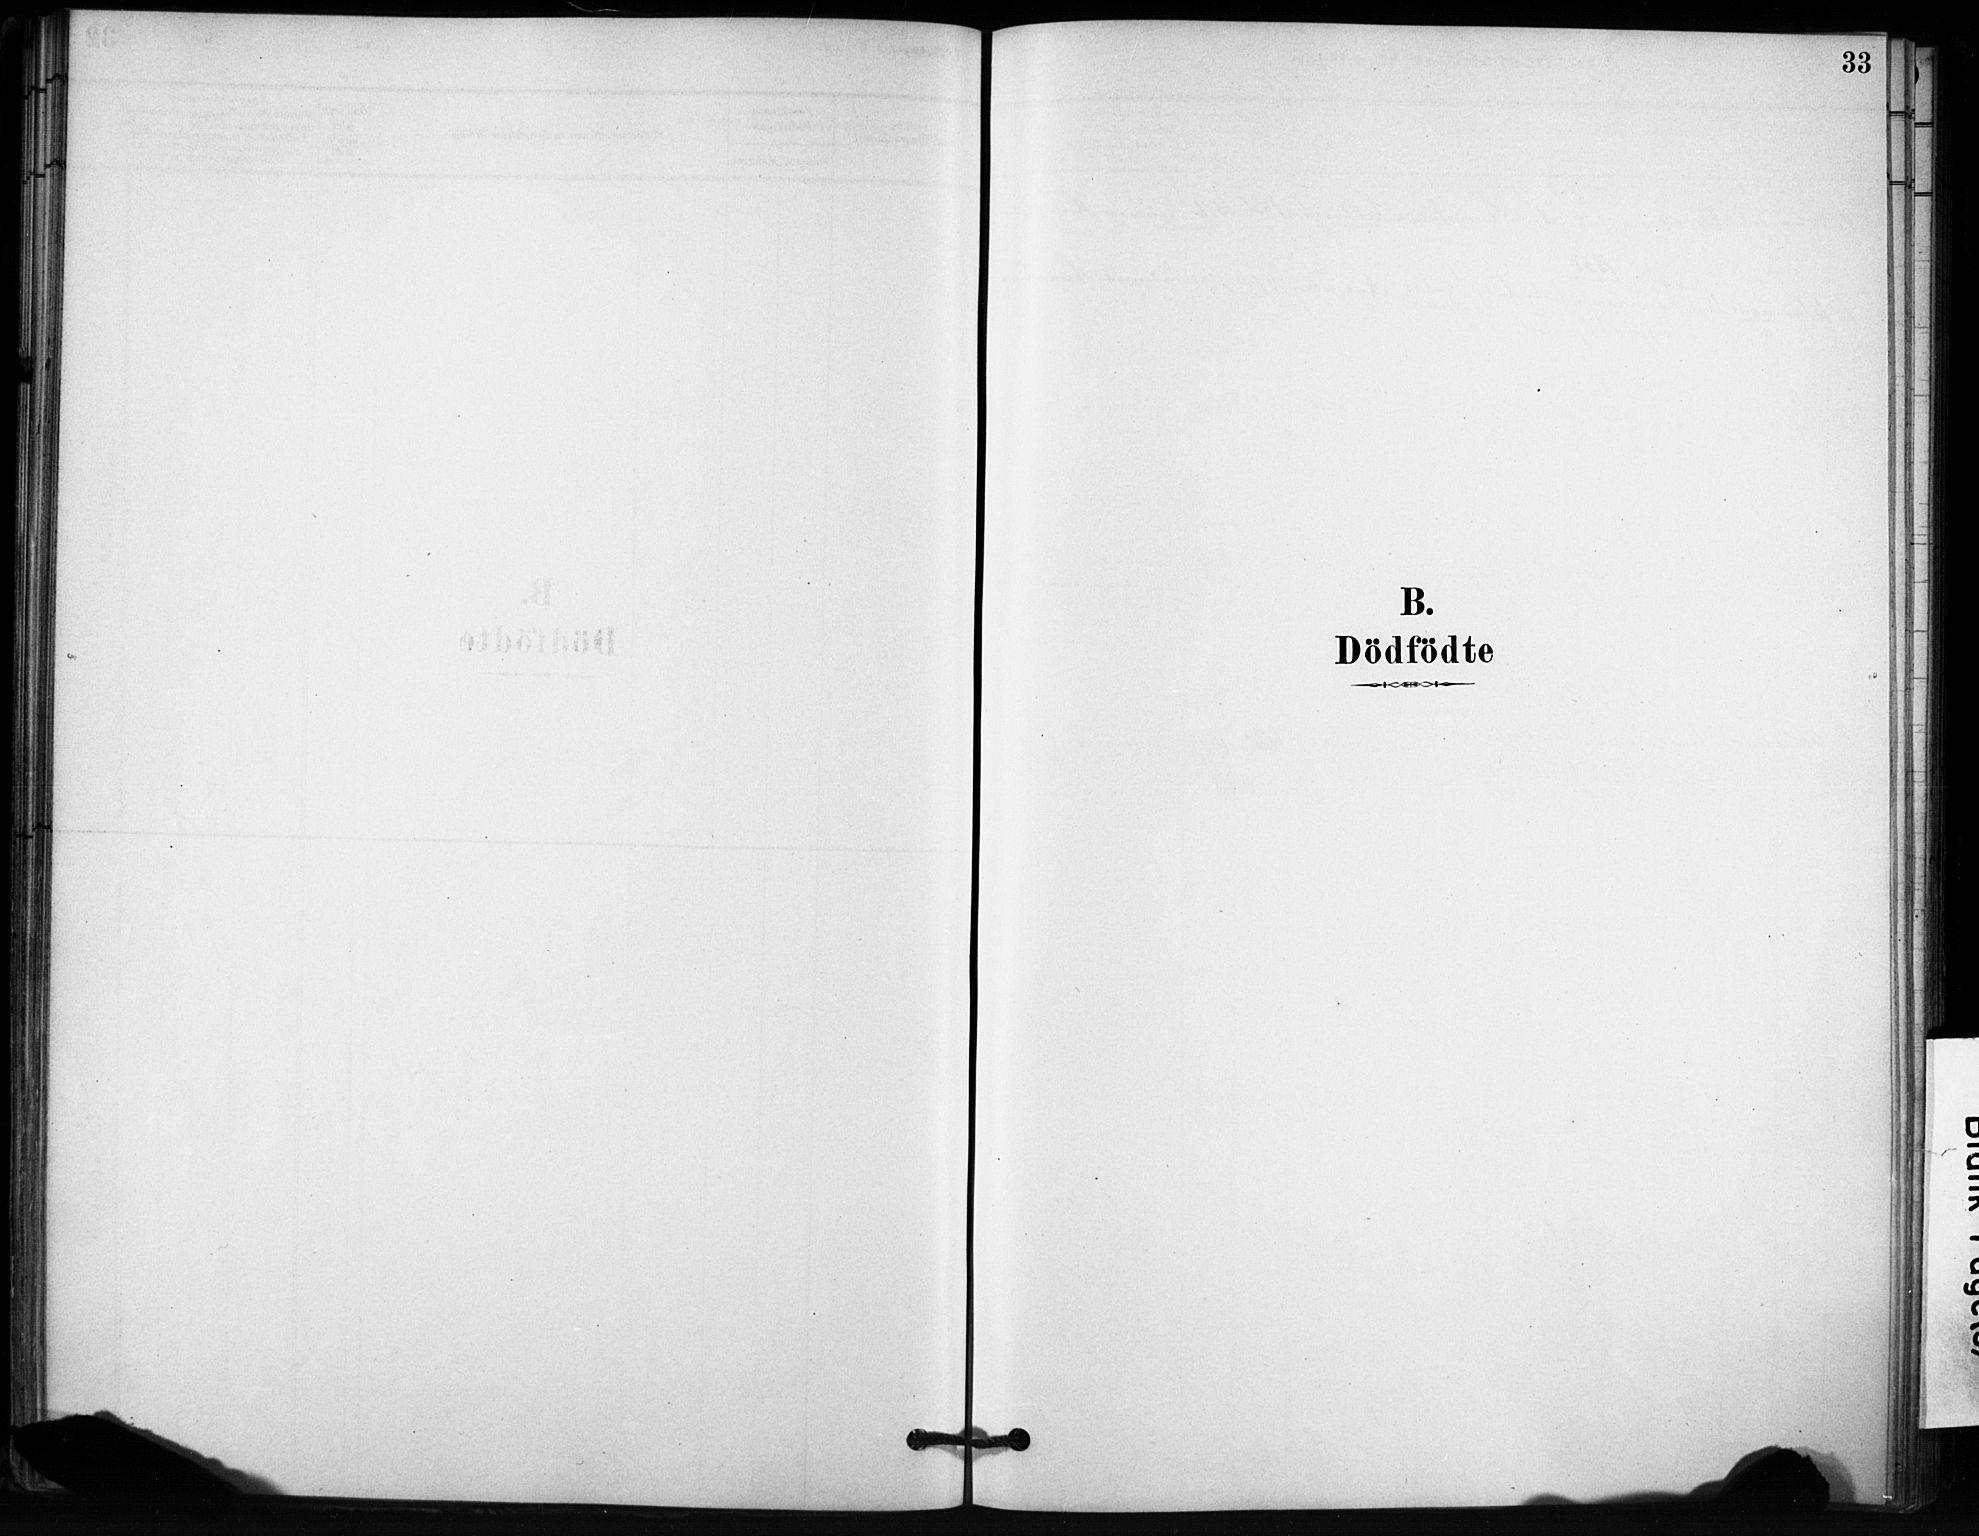 SAT, Ministerialprotokoller, klokkerbøker og fødselsregistre - Sør-Trøndelag, 666/L0786: Ministerialbok nr. 666A04, 1878-1895, s. 33